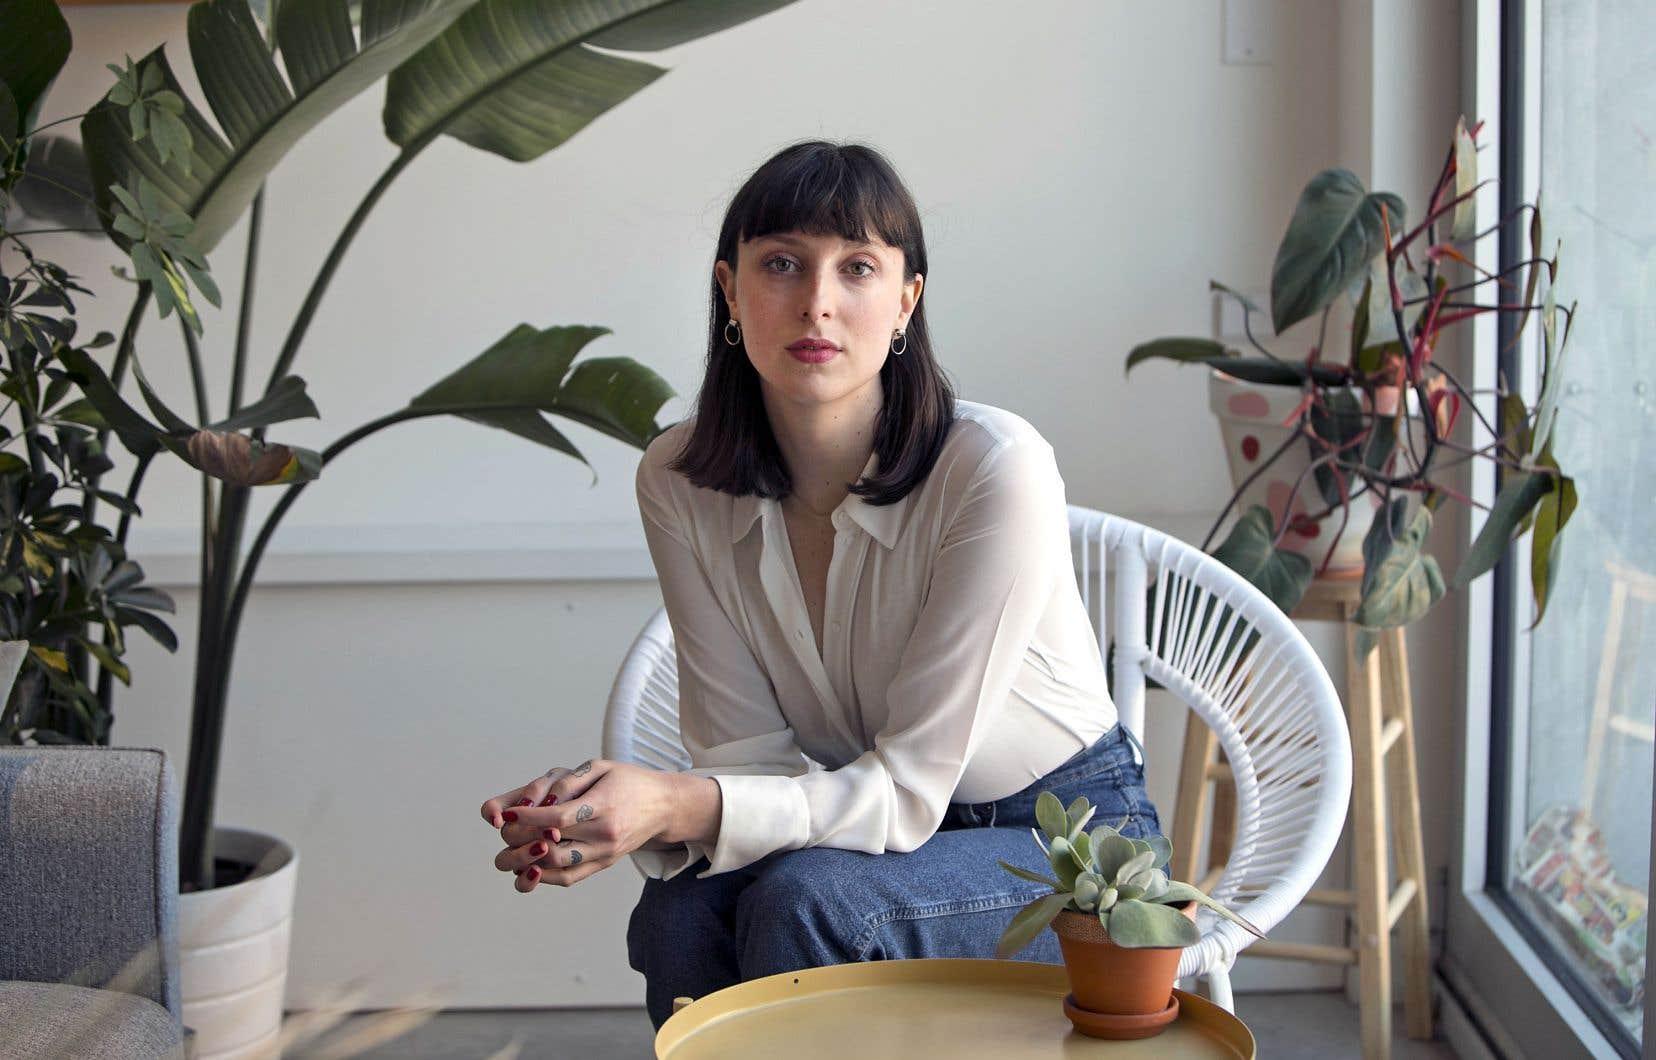 Le blogue «Les fourchettes», «ça fait partie de moi et ça fait l'auteure que je suis», raconte la grande brune native de Granby, qui porte au poignet un tatouage de l'ustensile filiforme.